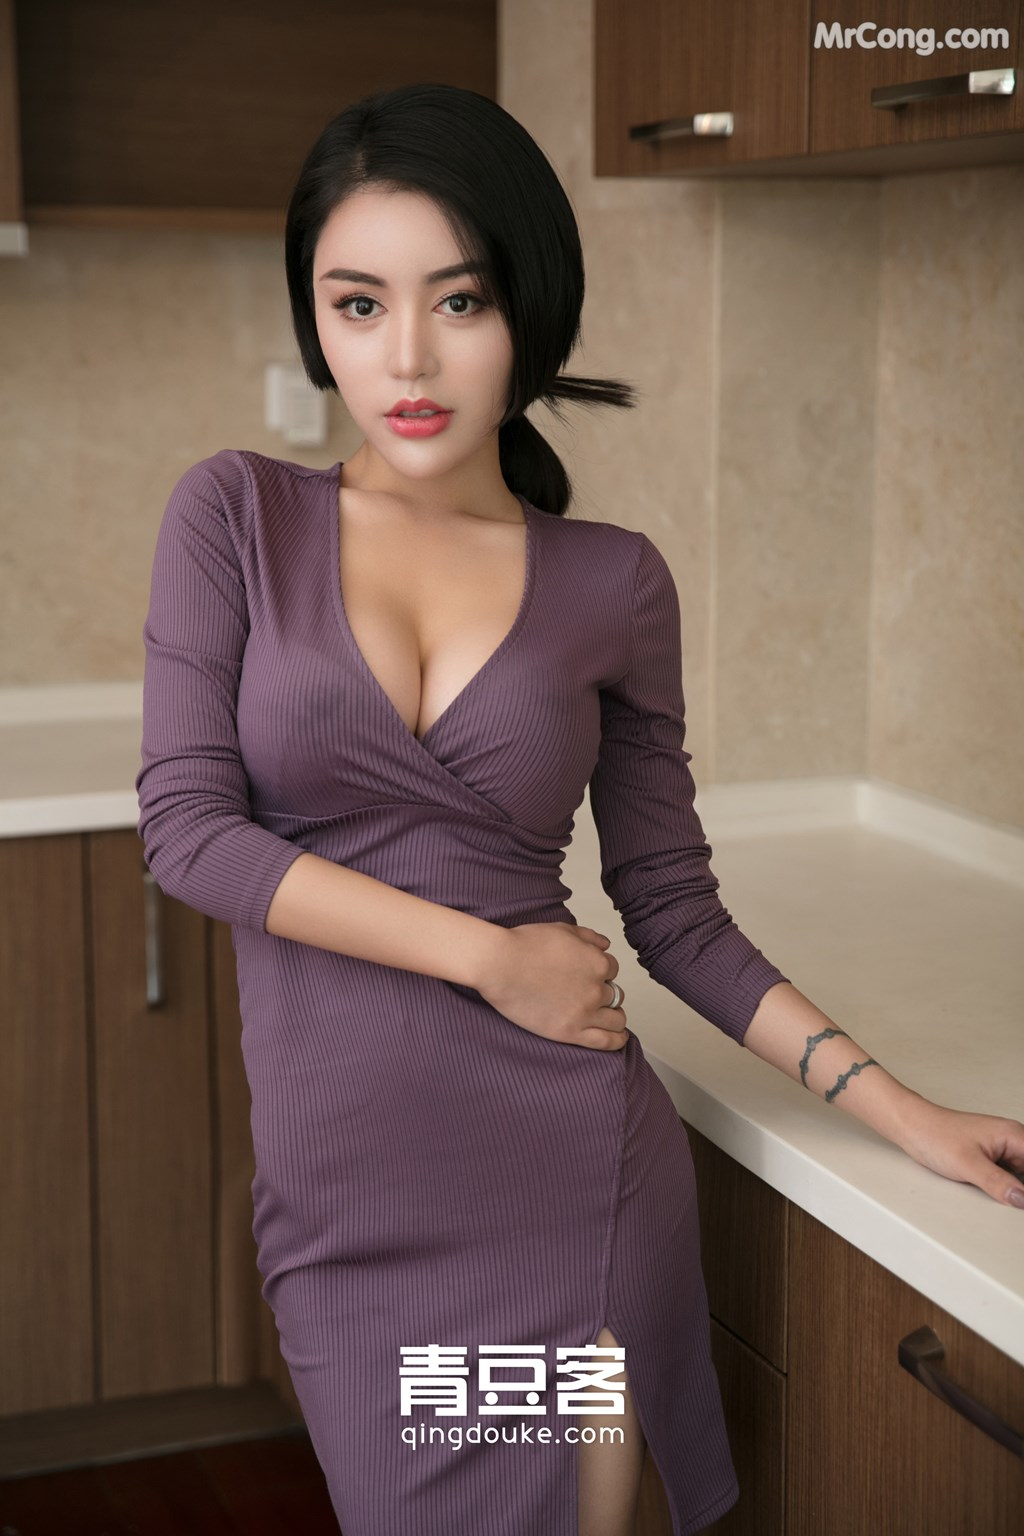 Image QingDouKe-2017-11-22-Lu-Zi-Qi-MrCong.com-007 in post QingDouKe 2017-11-22: Người mẫu Lu Zi Qi (陆梓琪) (51 ảnh)